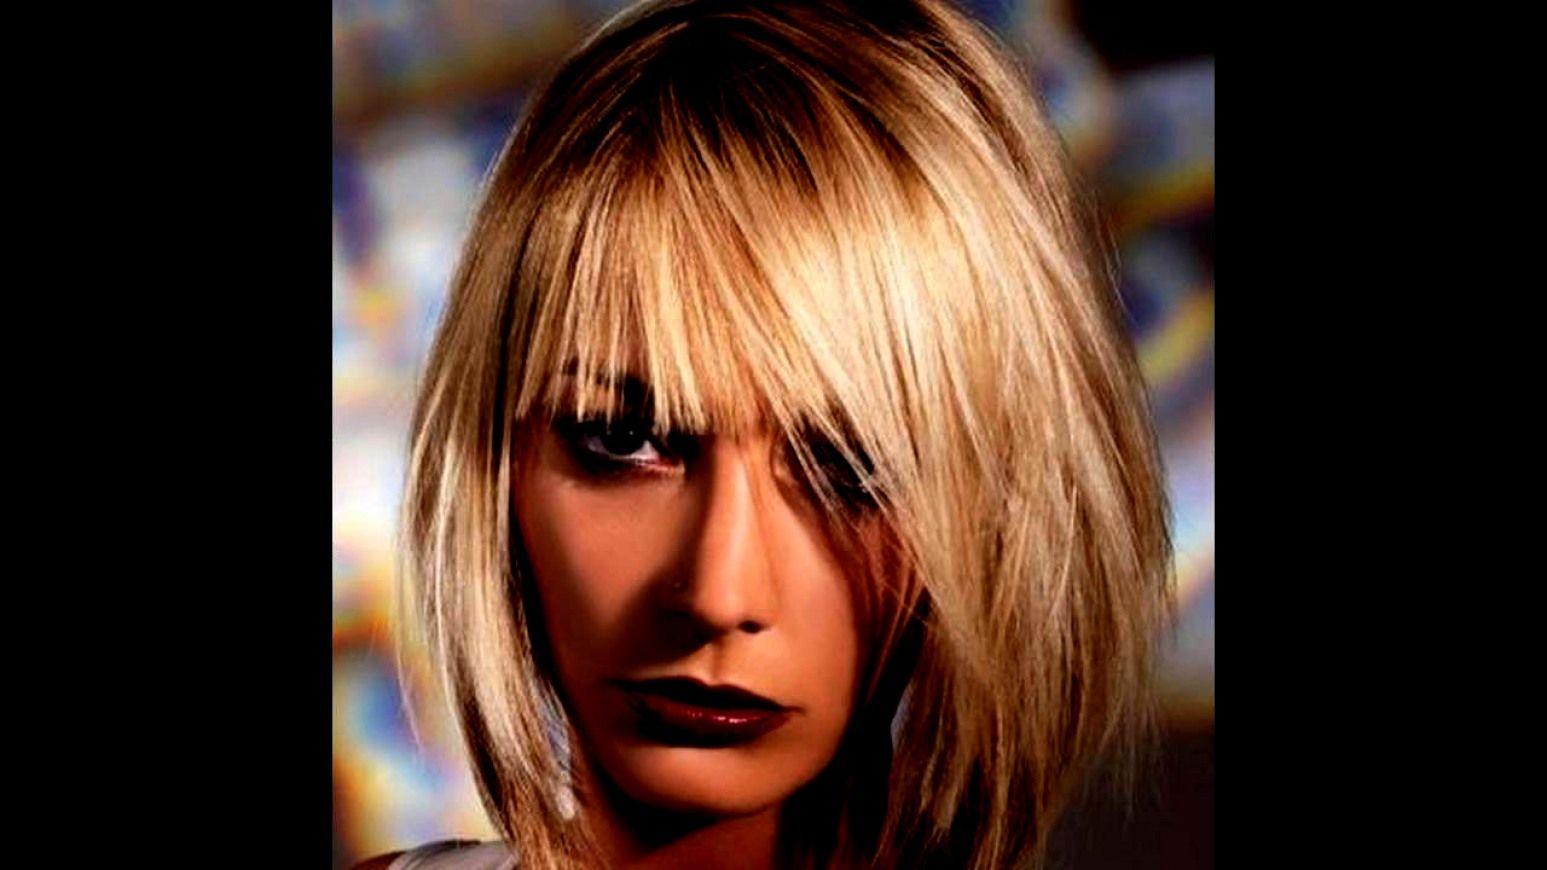 Haarschnitt Mittellang Frisuren Haarfrisuren Mittellang Und